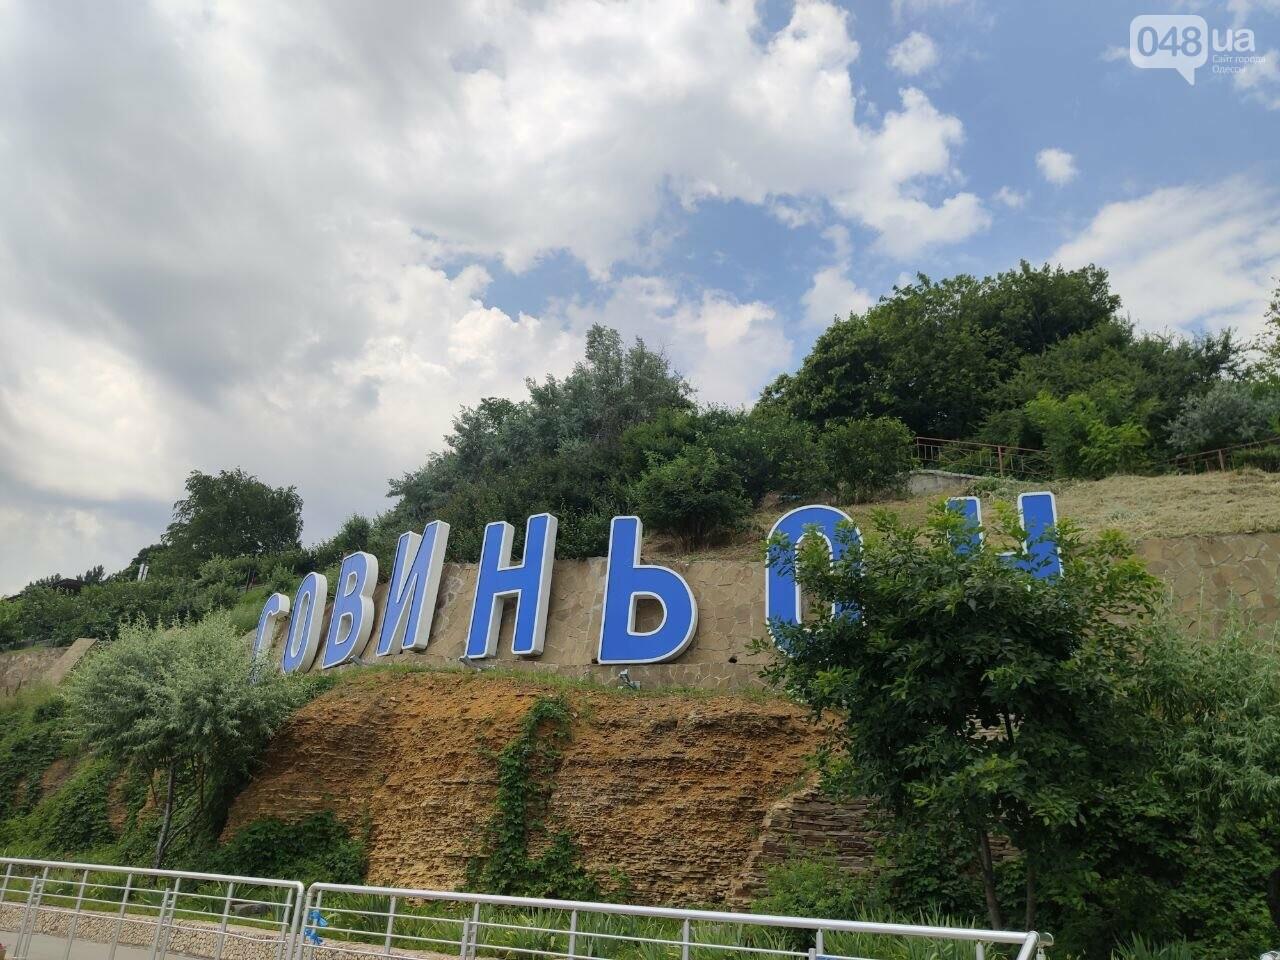 Пляж на Совиньоне под Одессой: что находится на закрытой территории и как туда попасть, - ФОТО, фото-1